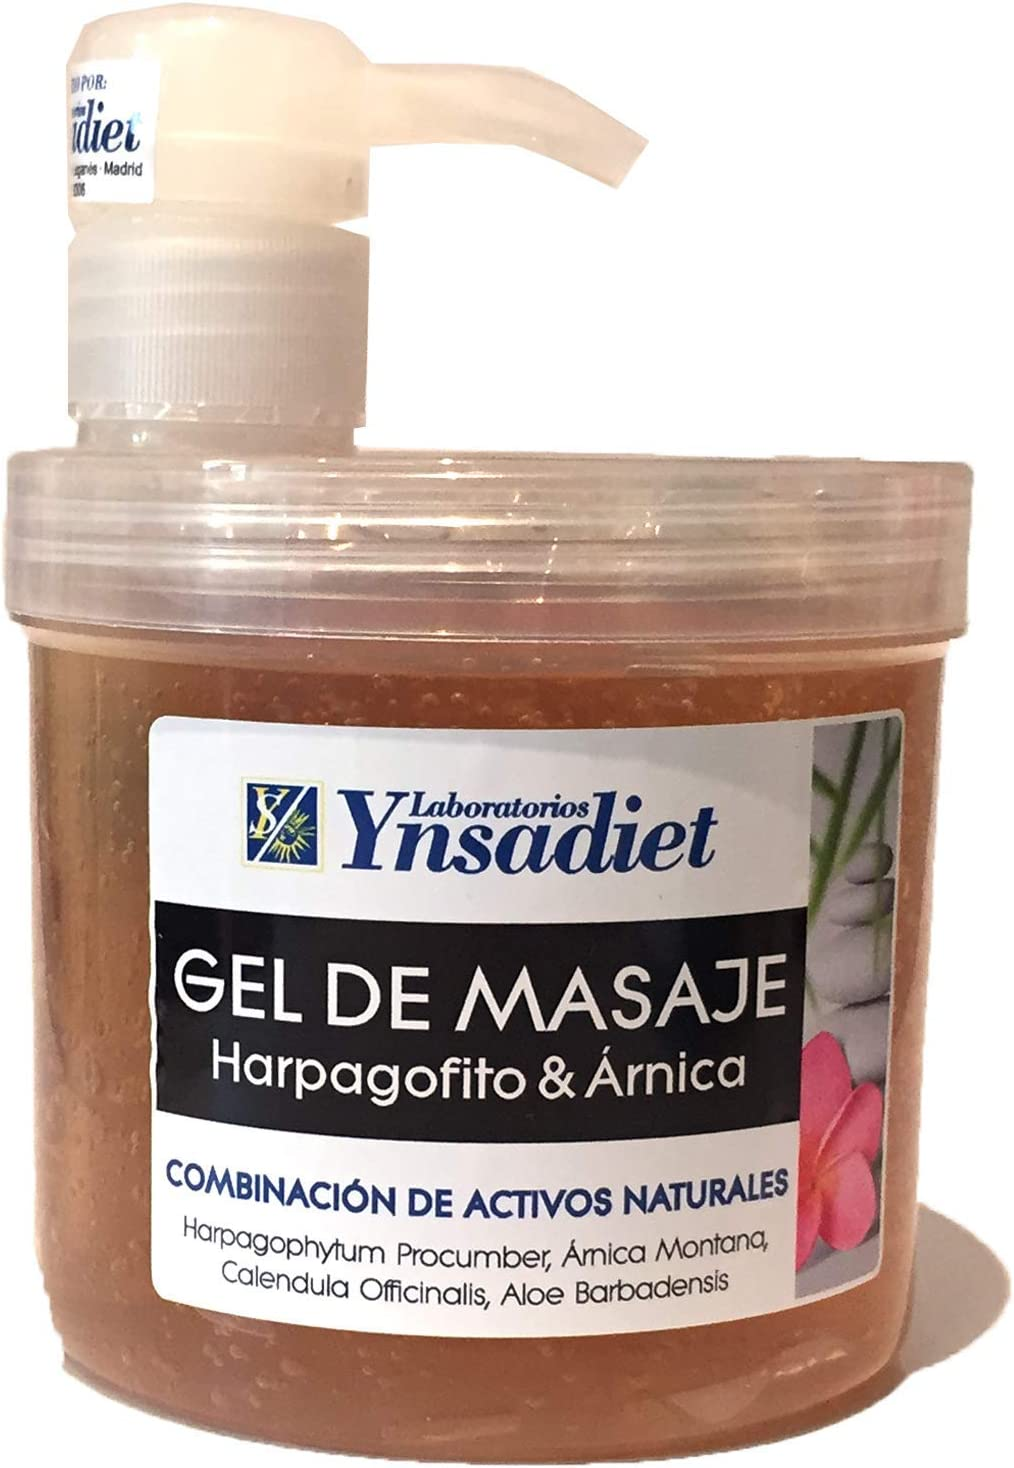 Ynsadiet gel masaje 500 ml árnica, harpagofito, caléndula, aloe, mentol. Dolor muscular, antiinflamatorio, dolores de cuello espalda,cervicales y articulaciones, absorción rápida efecto instantáneo